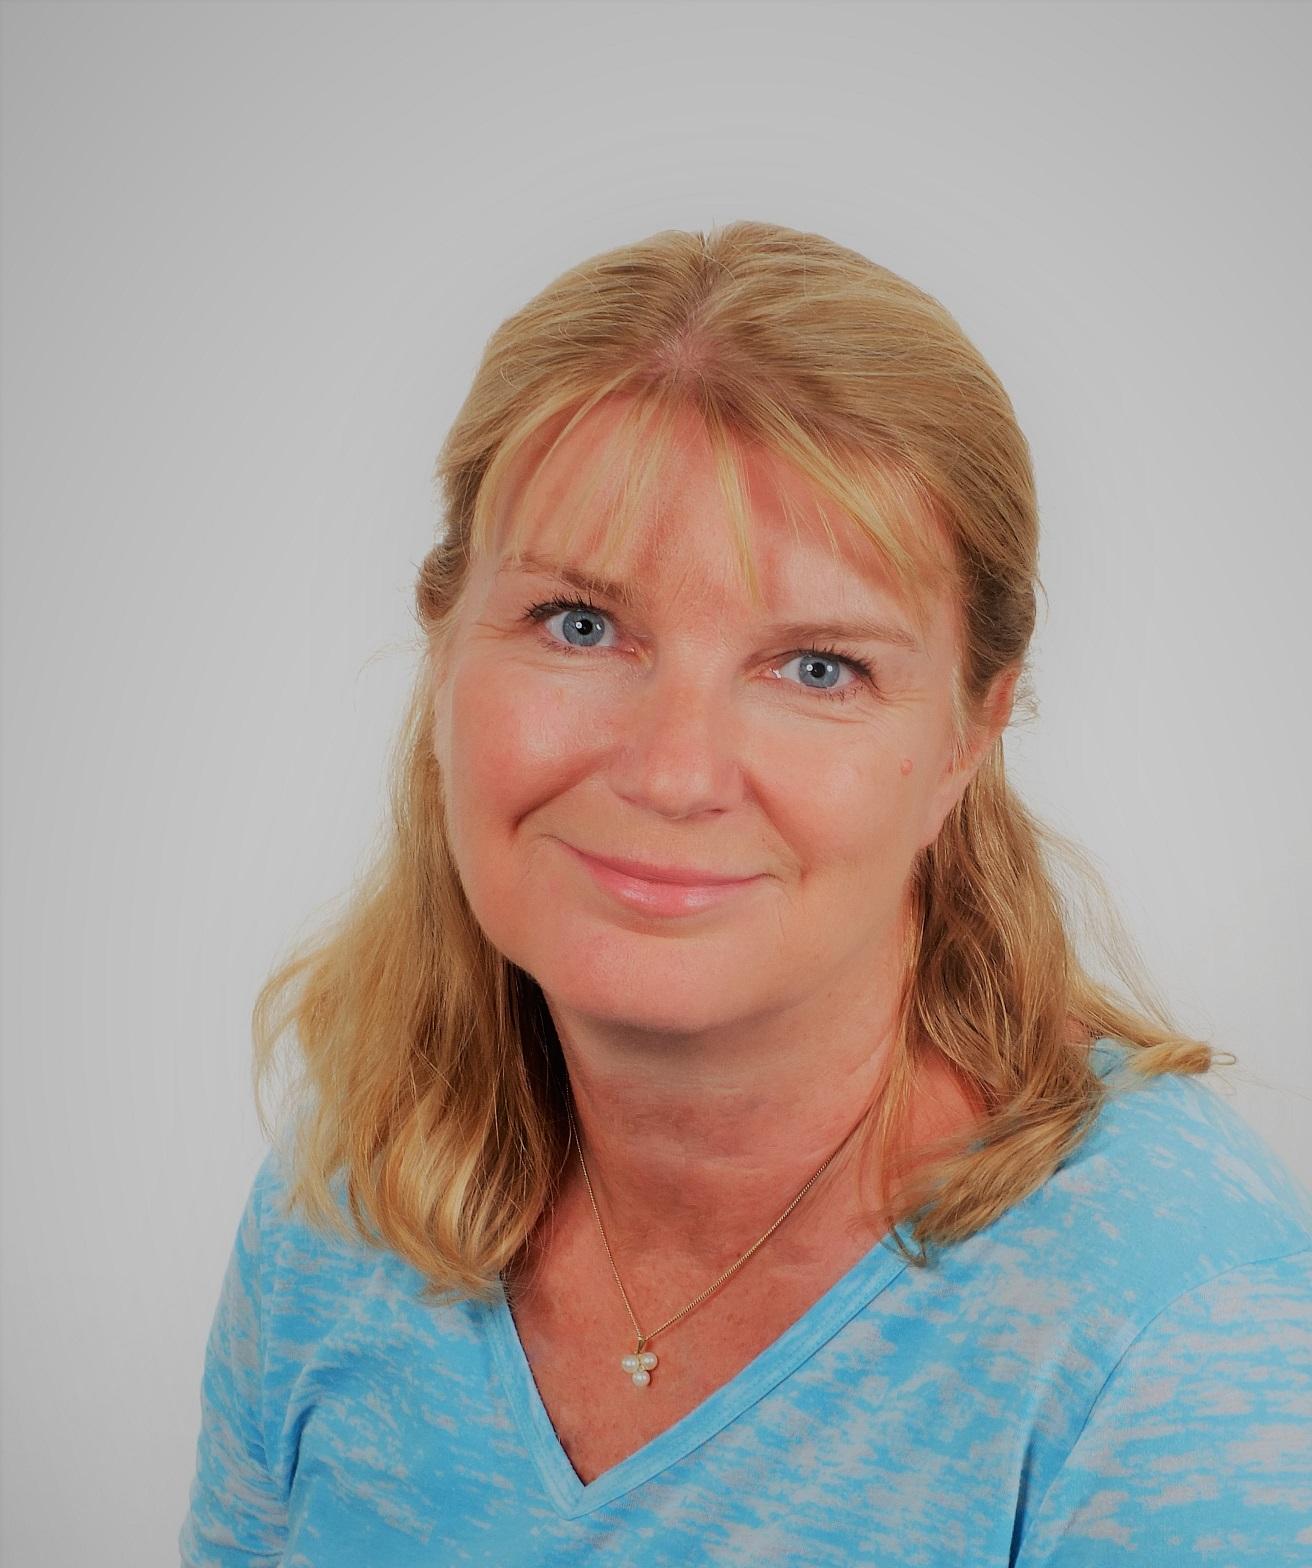 Ursula Dienstbier